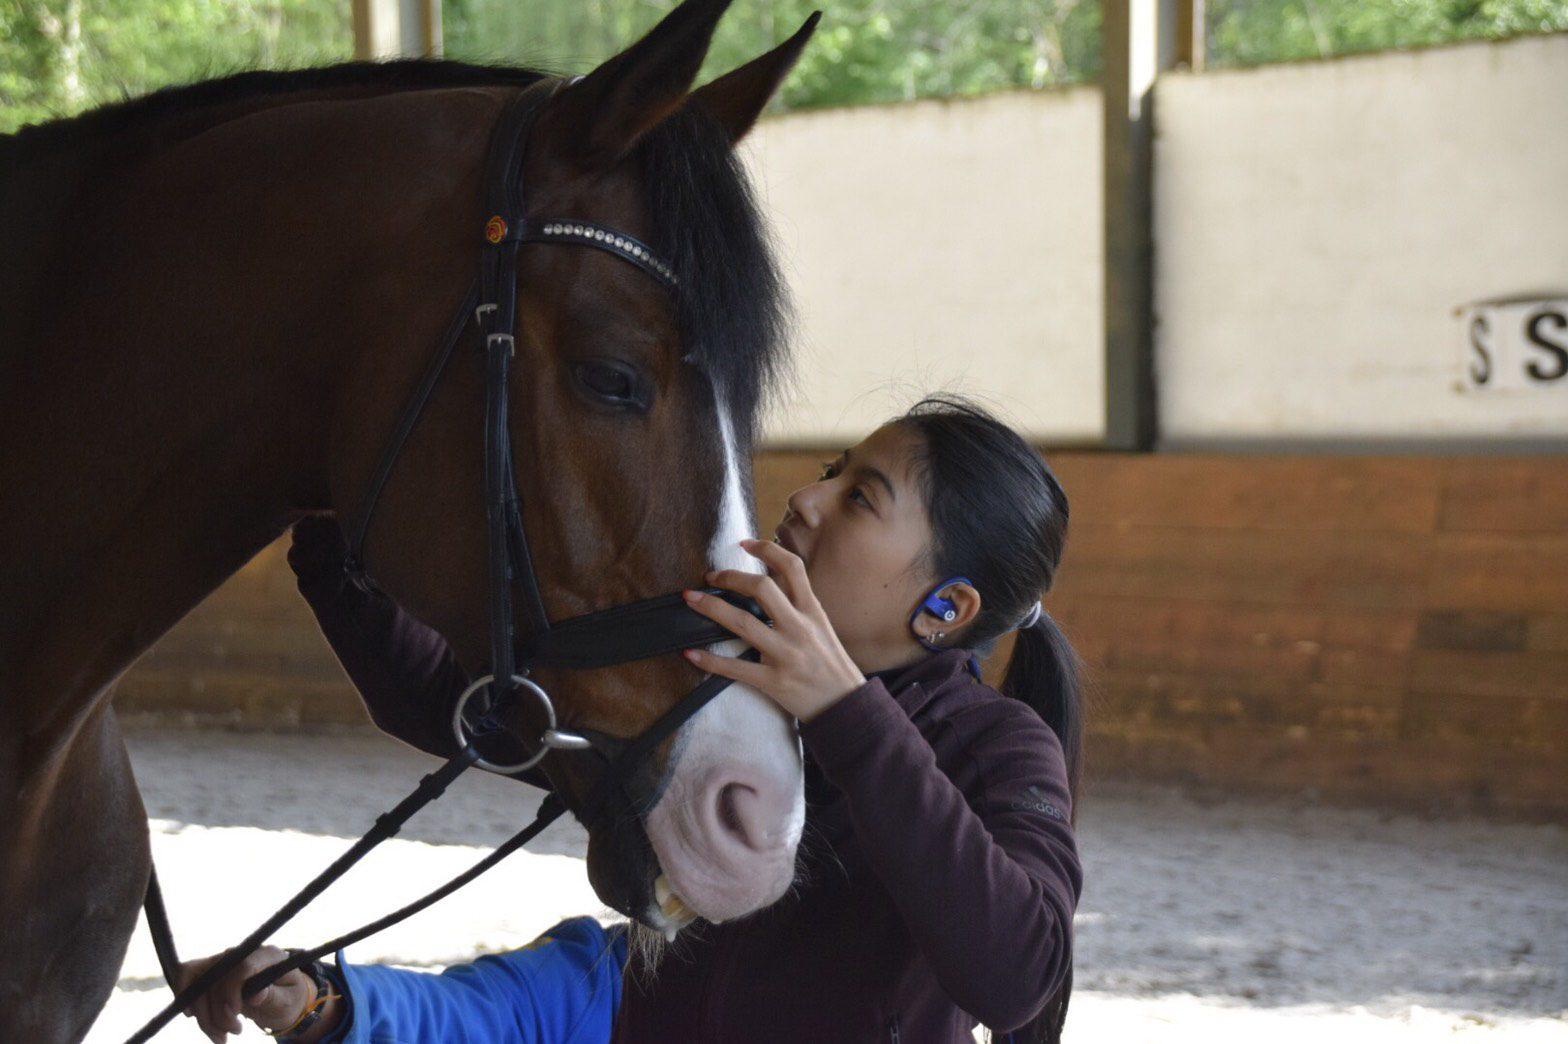 เจ้าฟ้าสิริวัณณวรีฯ ทรงเตรียมความพร้อมเข้าร่วมการแข่งขันศิลปการบังคับม้าระดับนานาชาติ